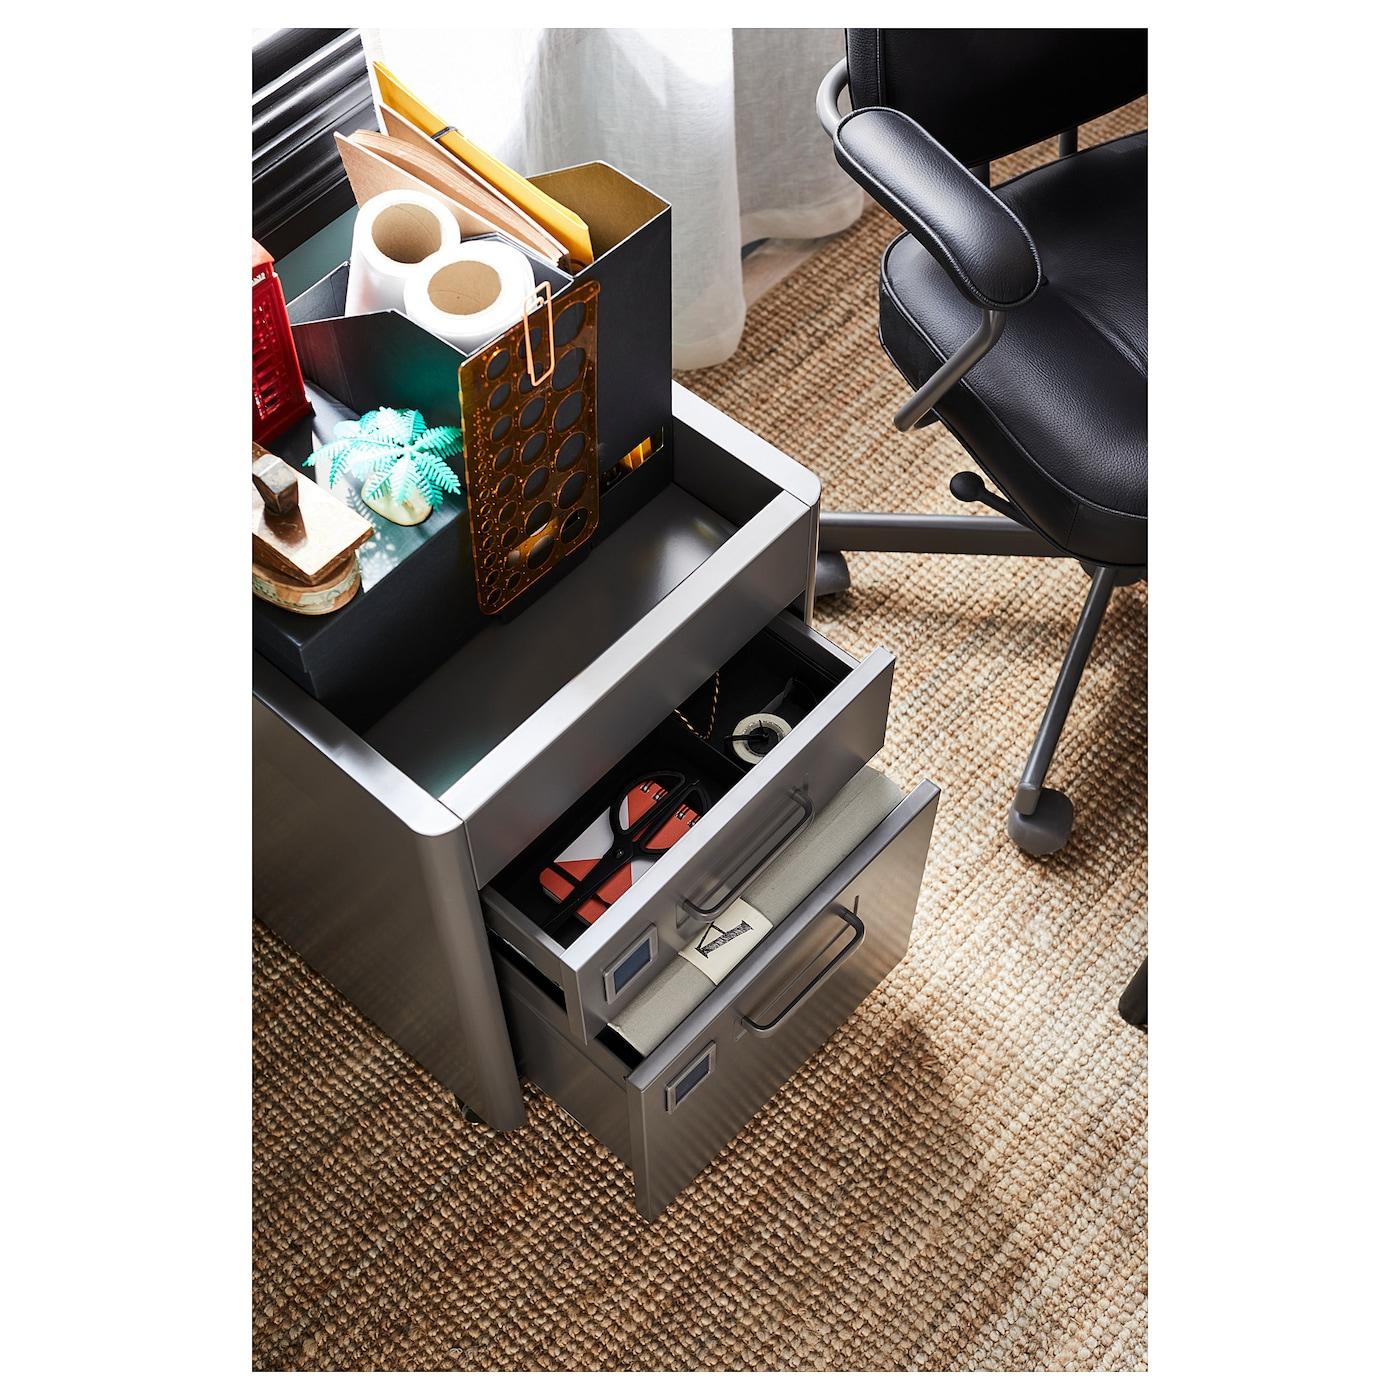 Spiksplinternieuw IDÅSEN Ladeblok met smart lock - donkergrijs - IKEA WF-27